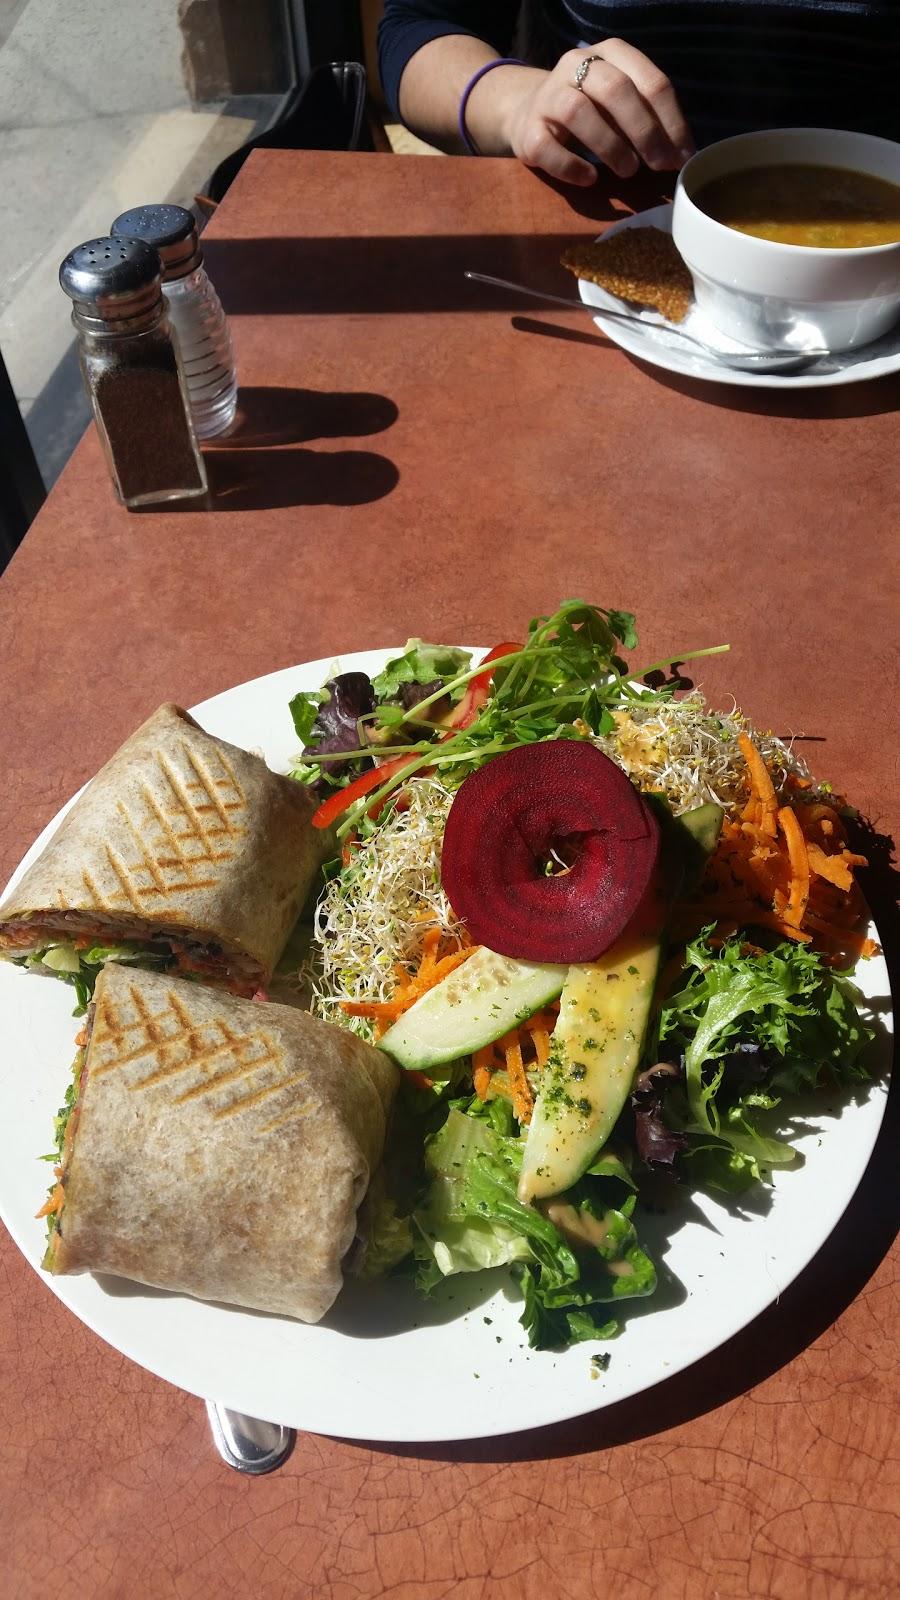 La Belle Verte   restaurant   166 Rue Eddy, Gatineau, QC J8X 2W1, Canada   8197786363 OR +1 819-778-6363